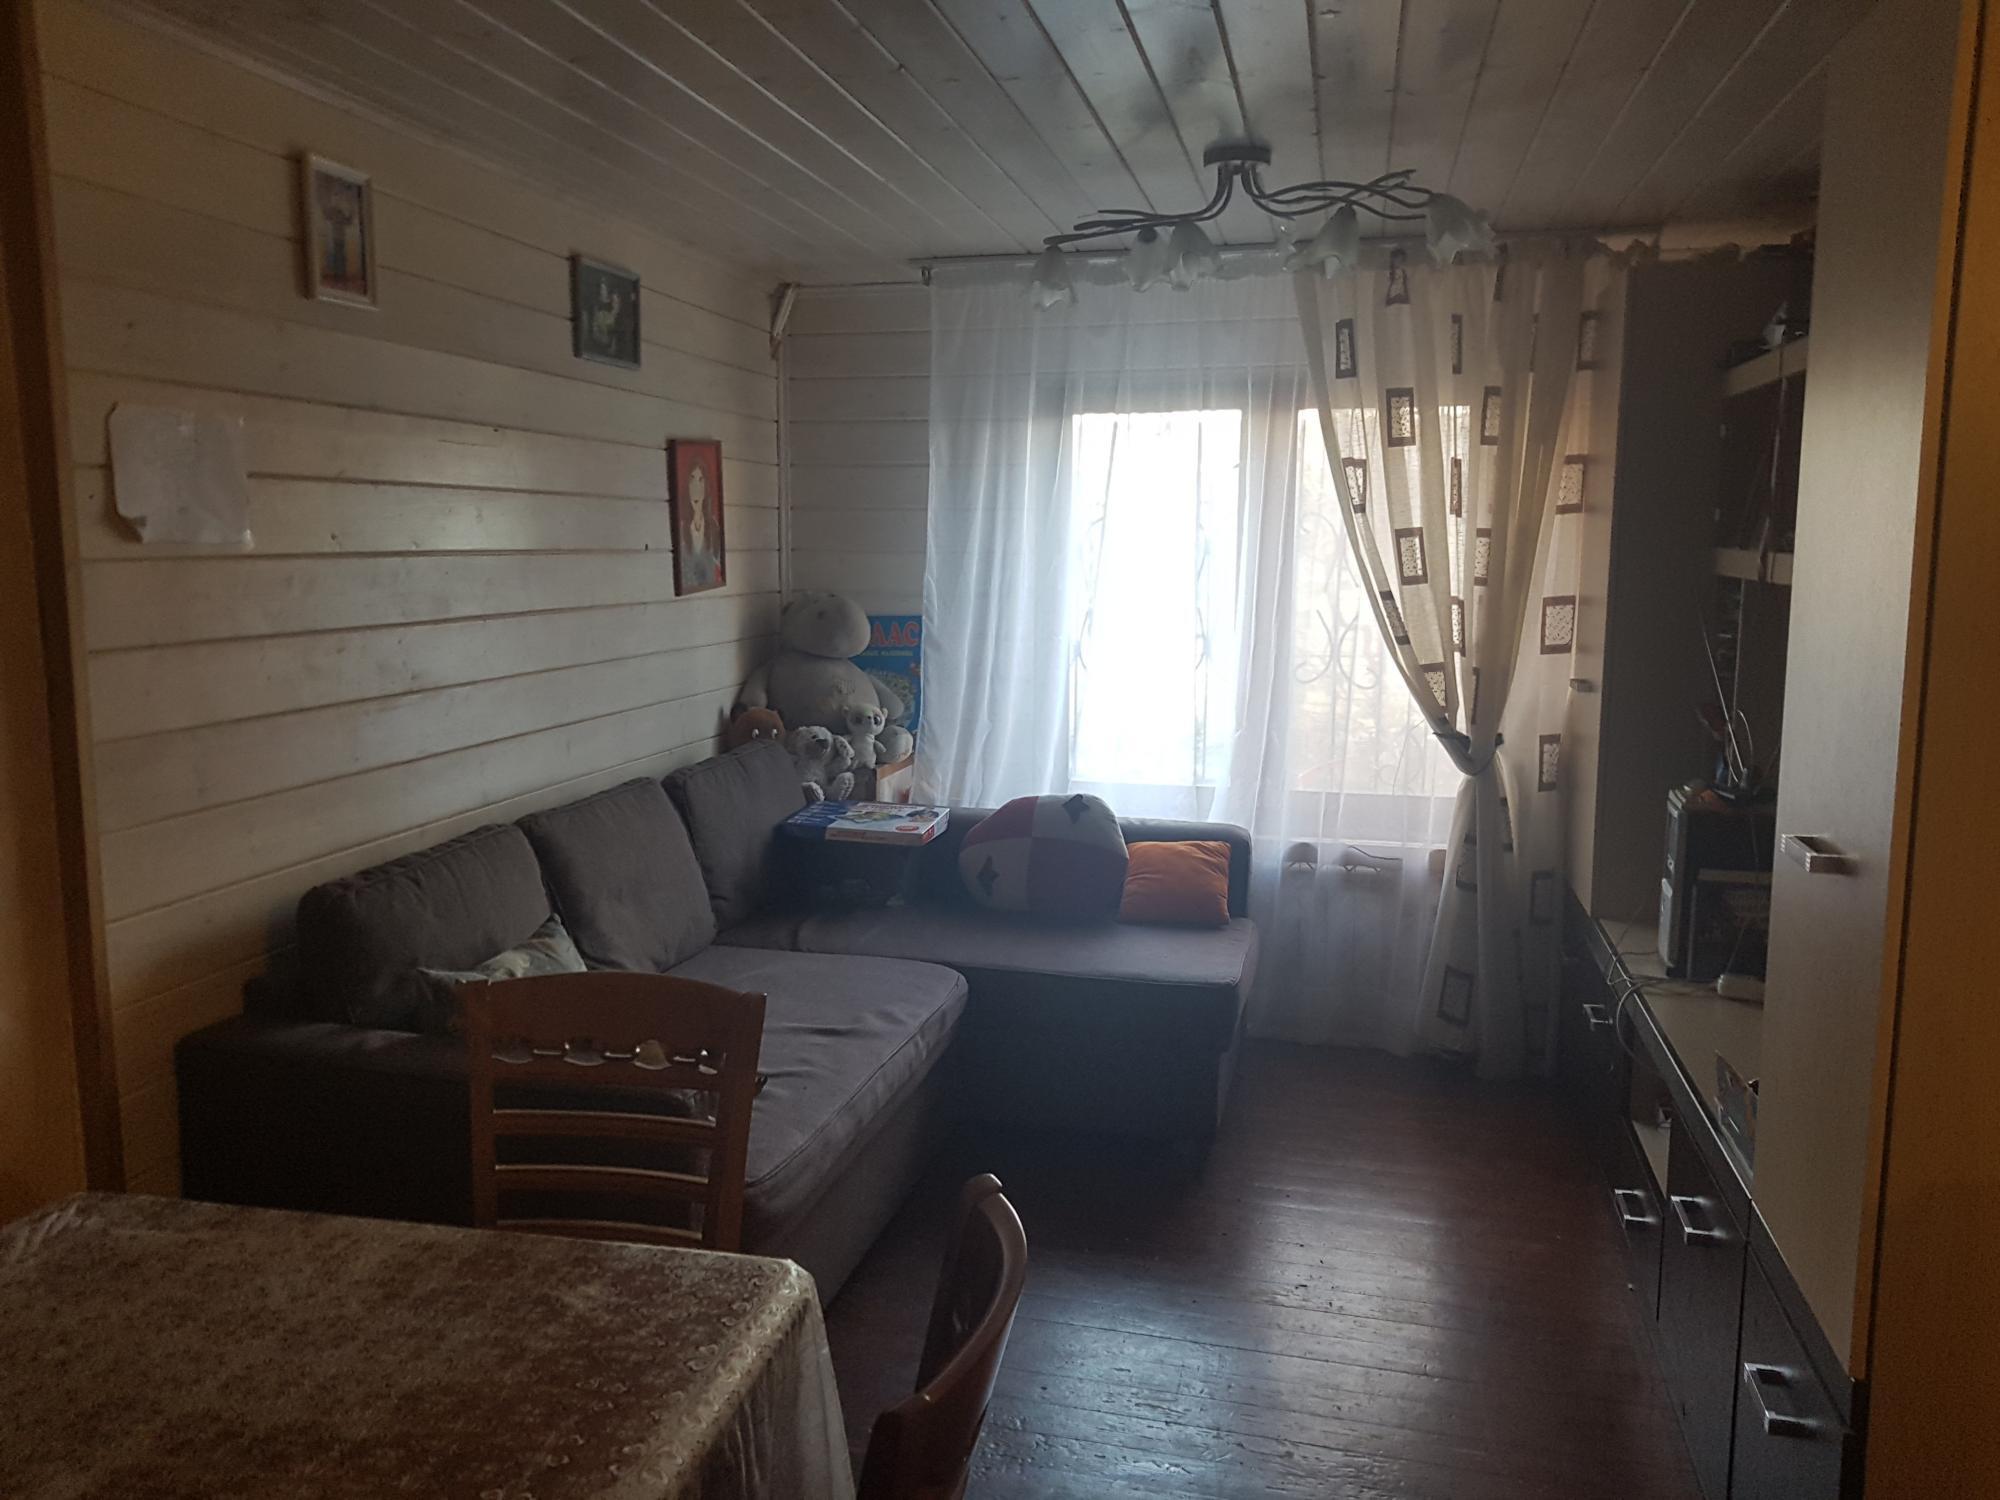 Дома продажа / Дома, Россия, Краснодарский край, Сочи, 3 300 000